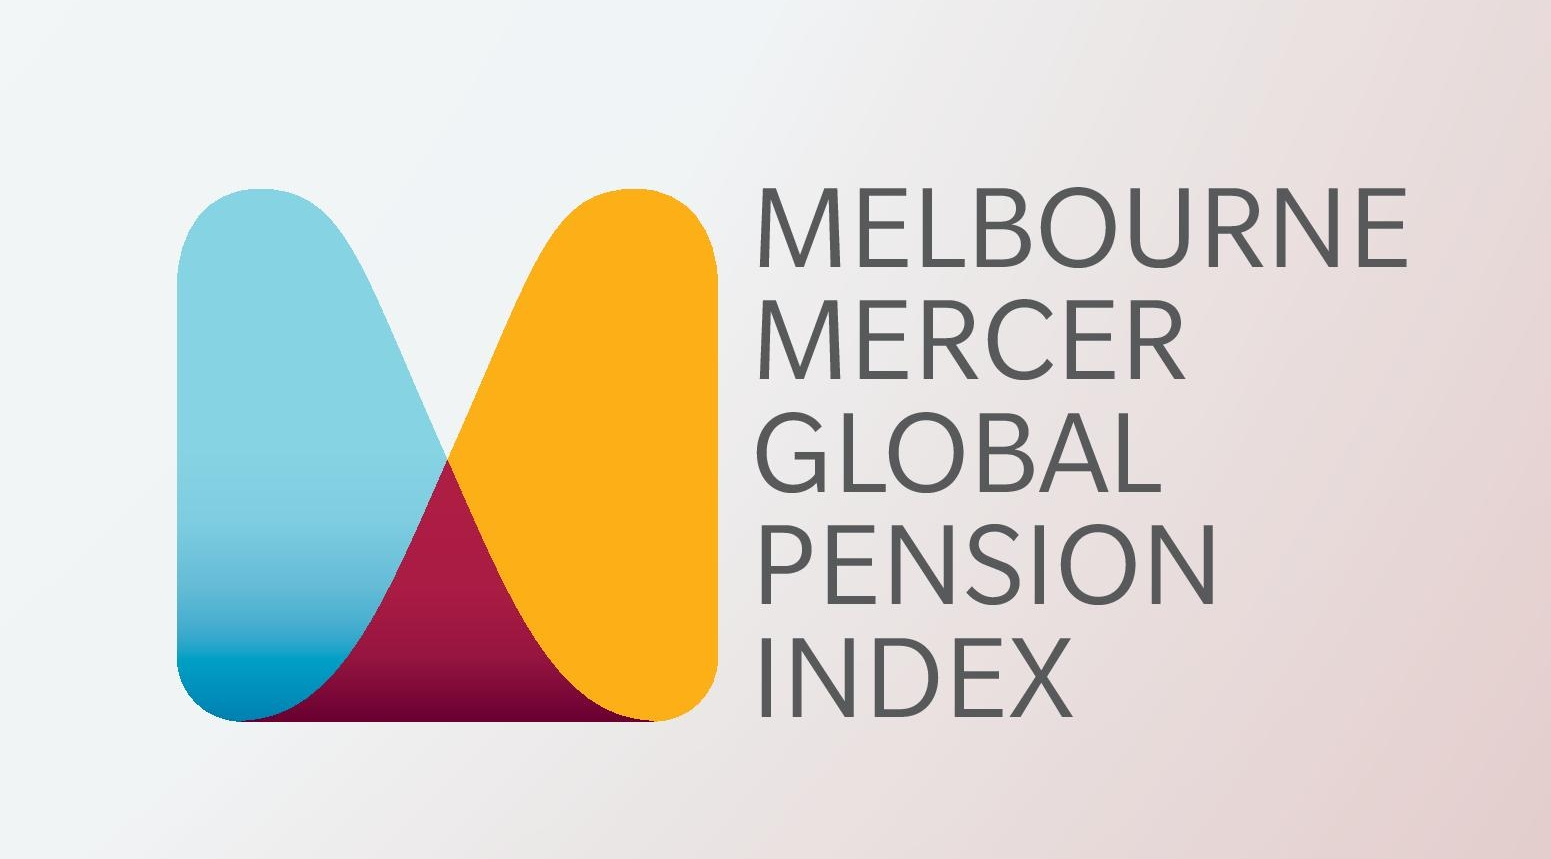 Melbourne Mercer Global Pension Index Imc